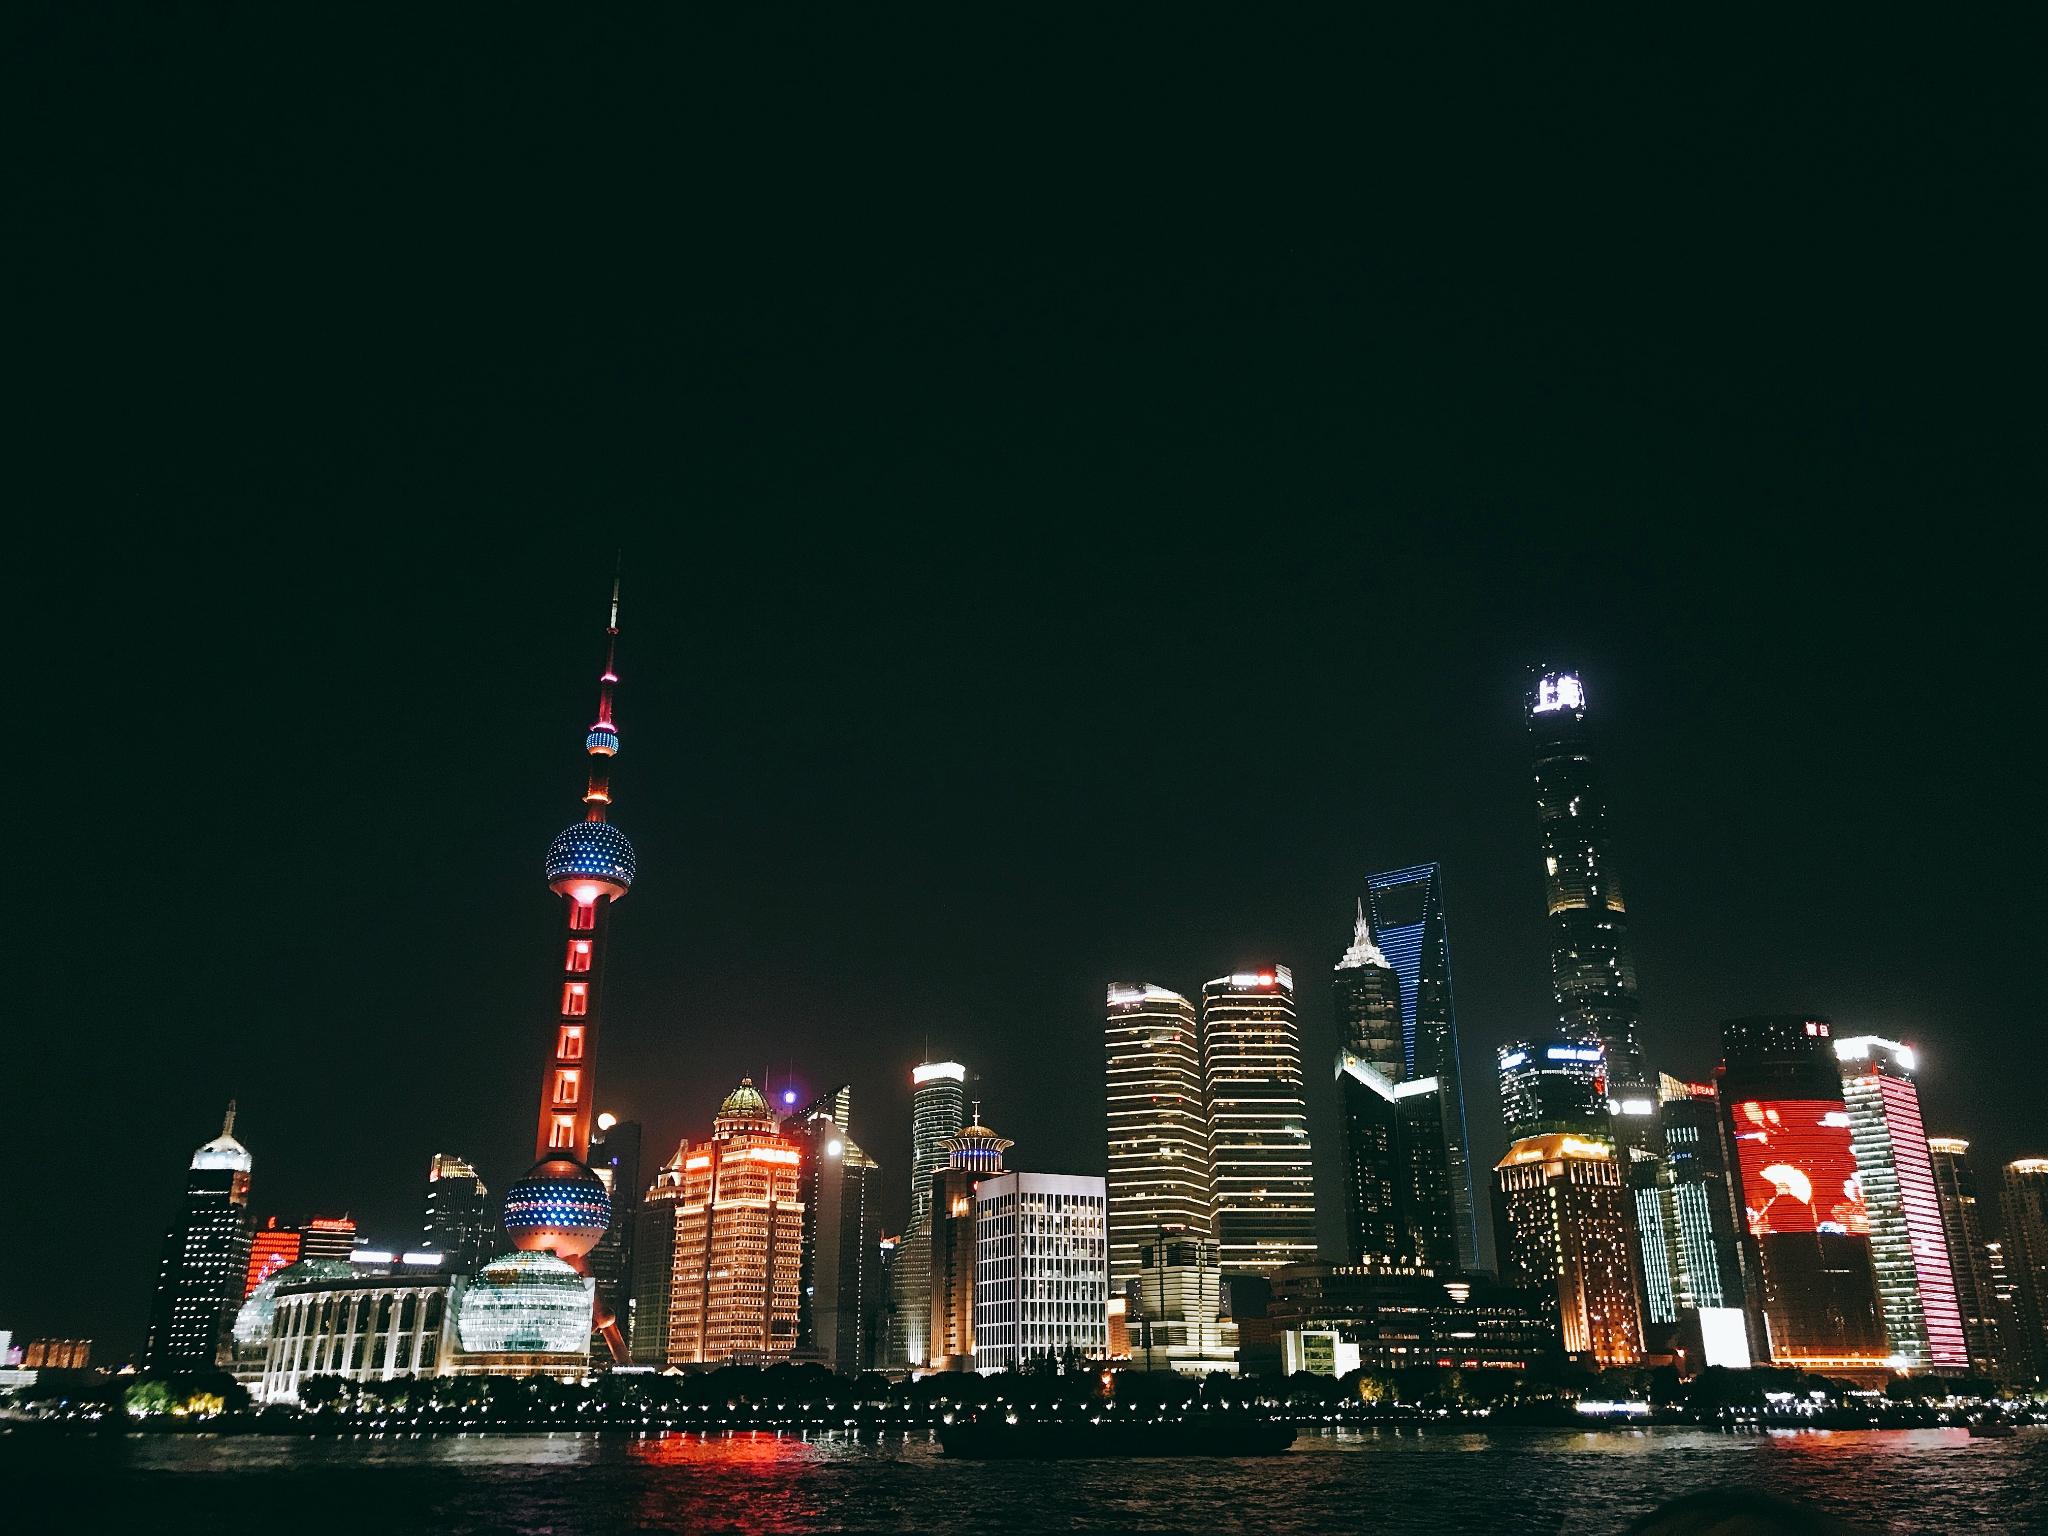 说走就走!懒人游上海,四天三夜的逛吃旅行